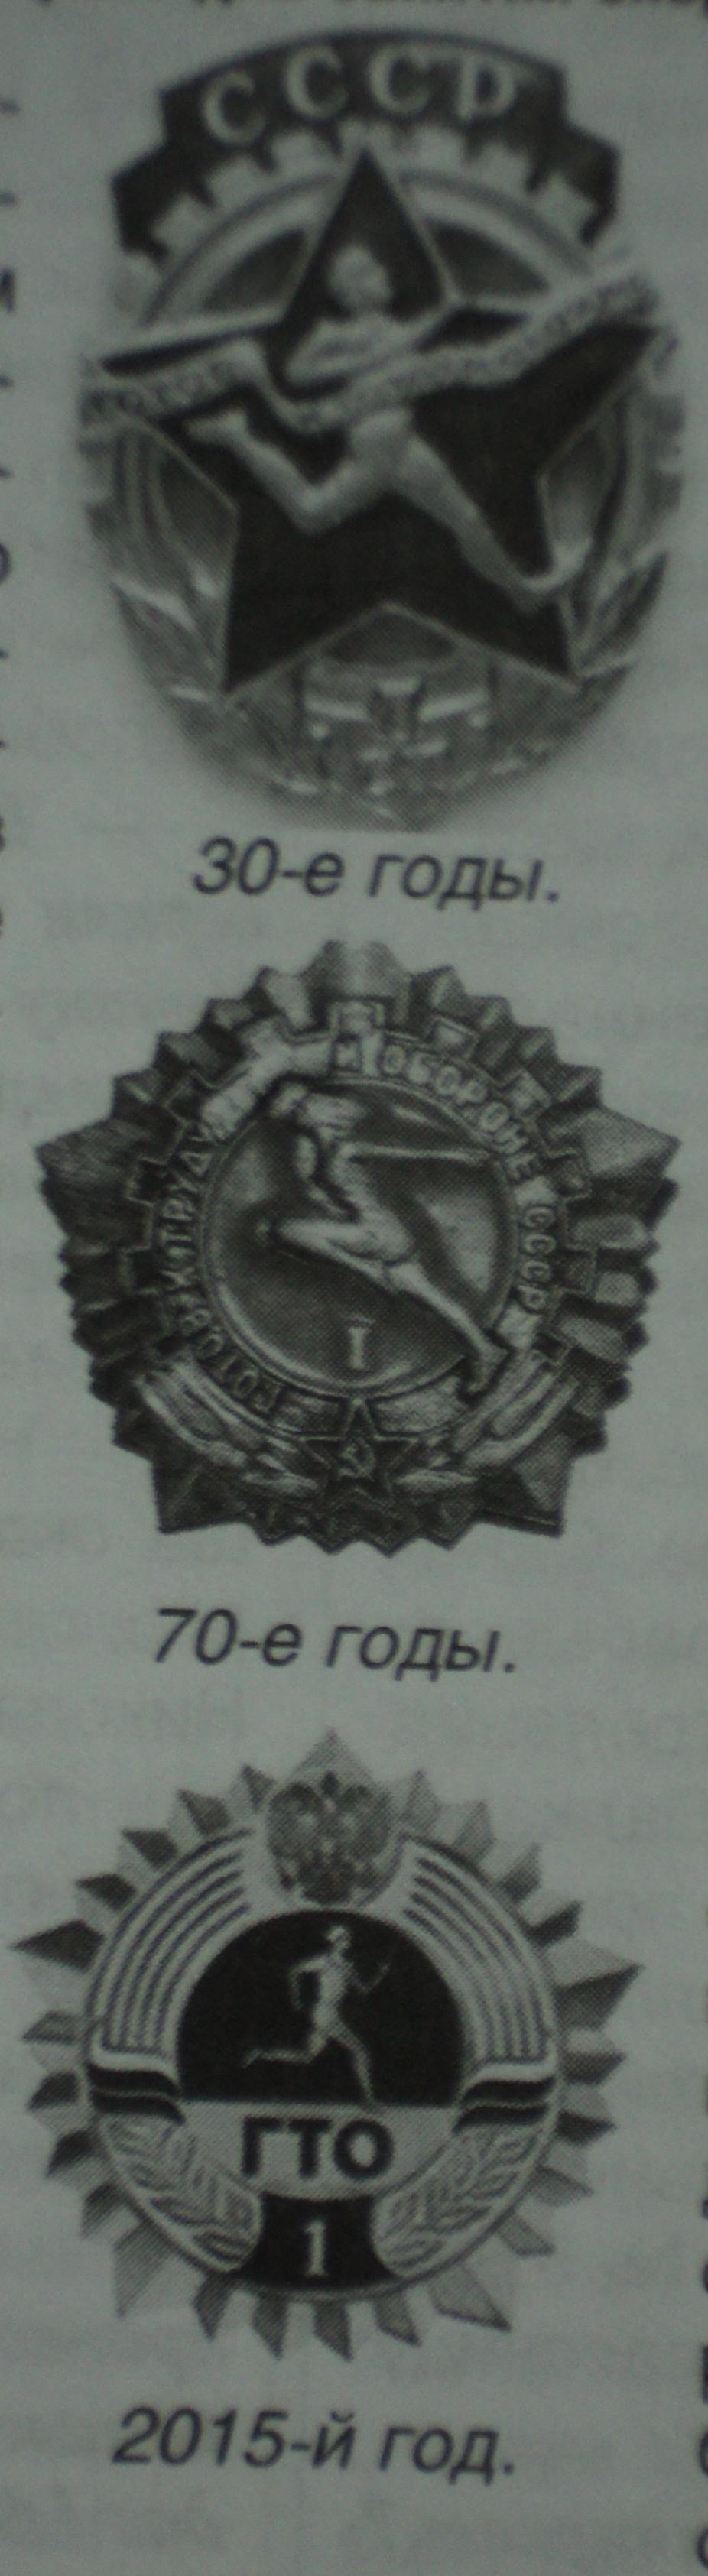 DSC03607